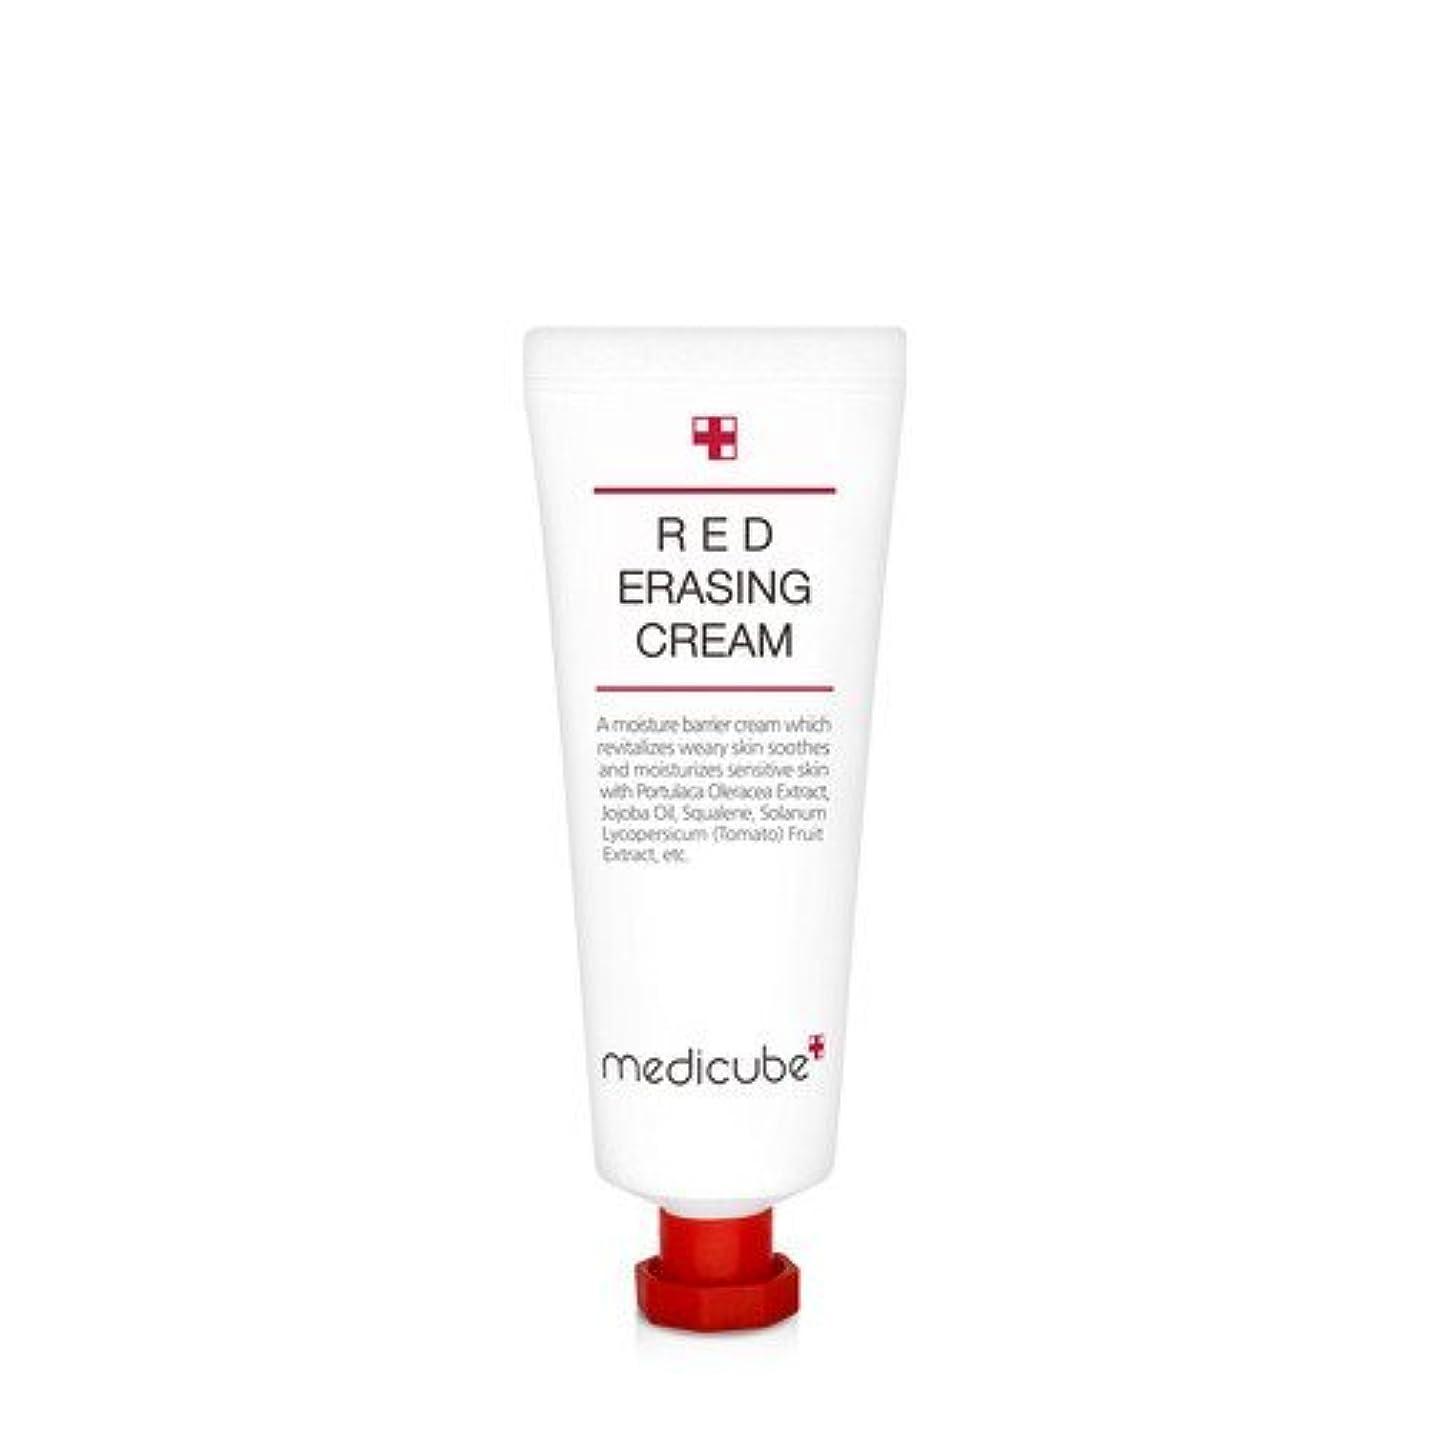 子犬ハイキングに行く一般[Medicube]Red Erasing Cream 50g / メディキューブレッドイレイジングクリーム / 正品?海外直送商品 [並行輸入品]